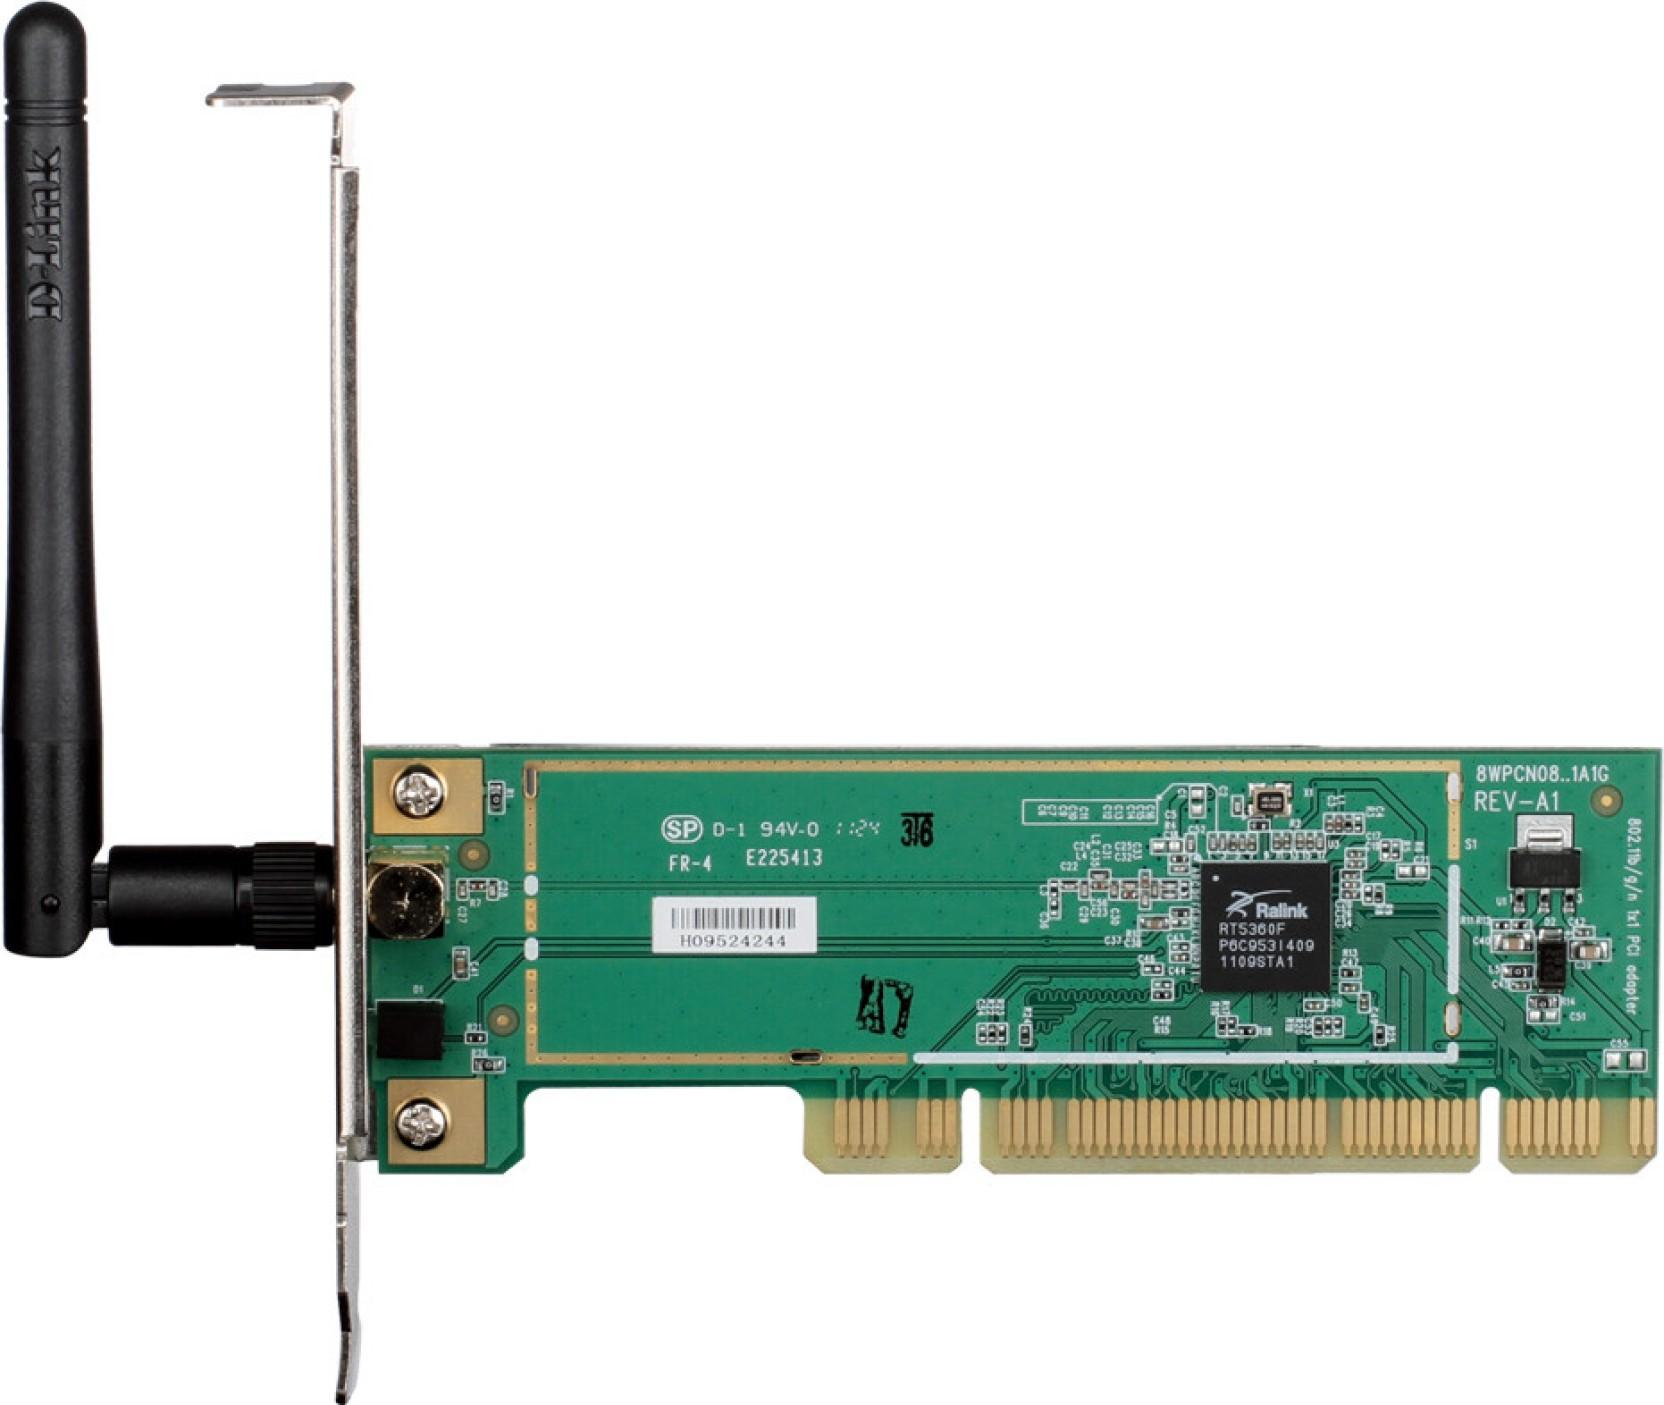 D-Link DWA-525 Wireless N 150 Desktop Adapter Network